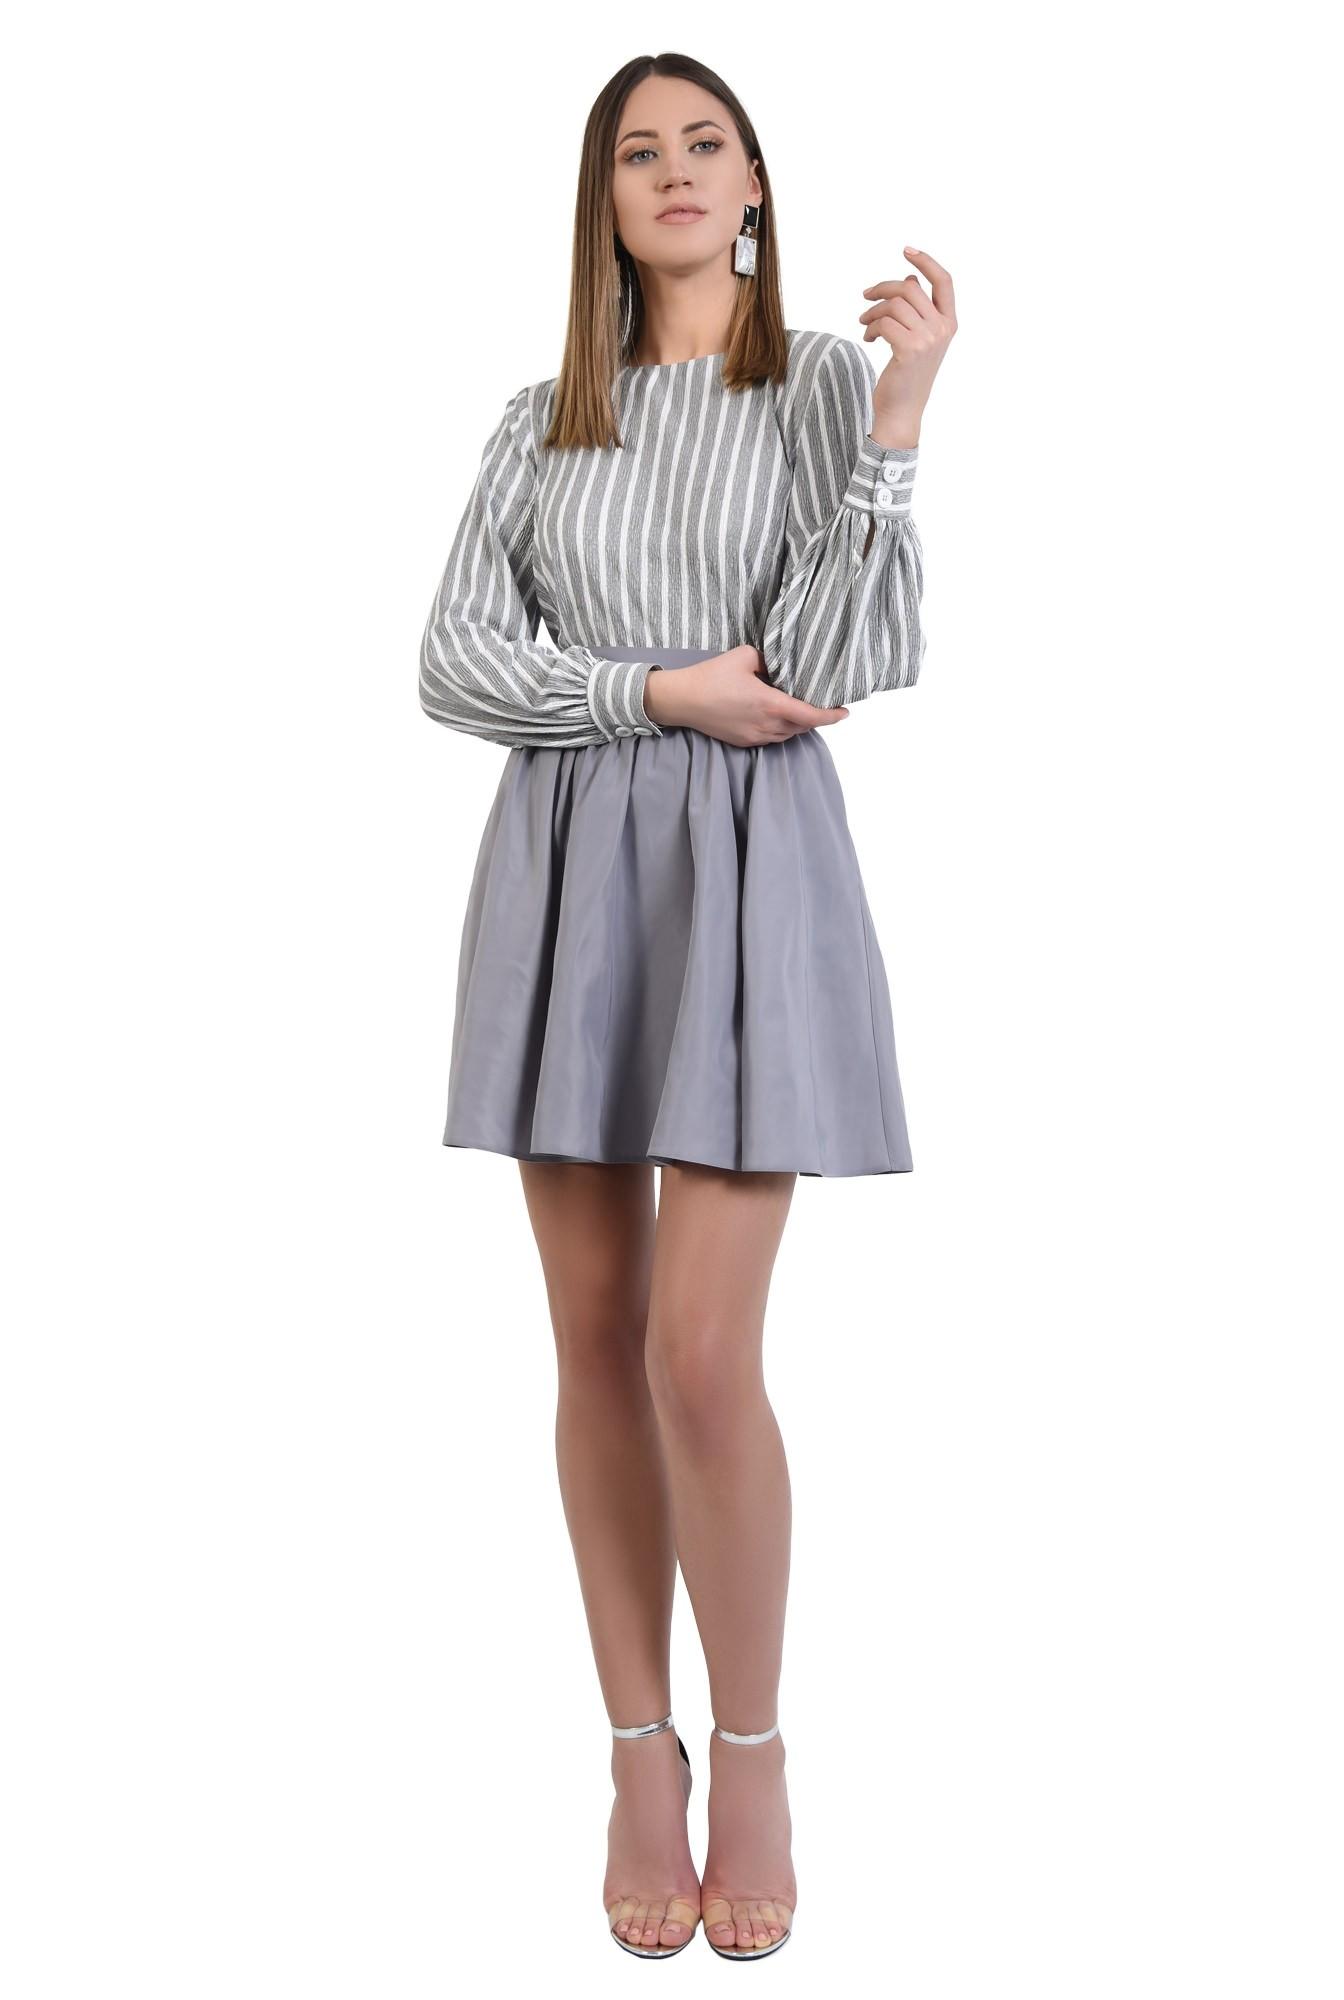 360 - bluza casual, dreapta, cu imprimeu, dungi alb-gri